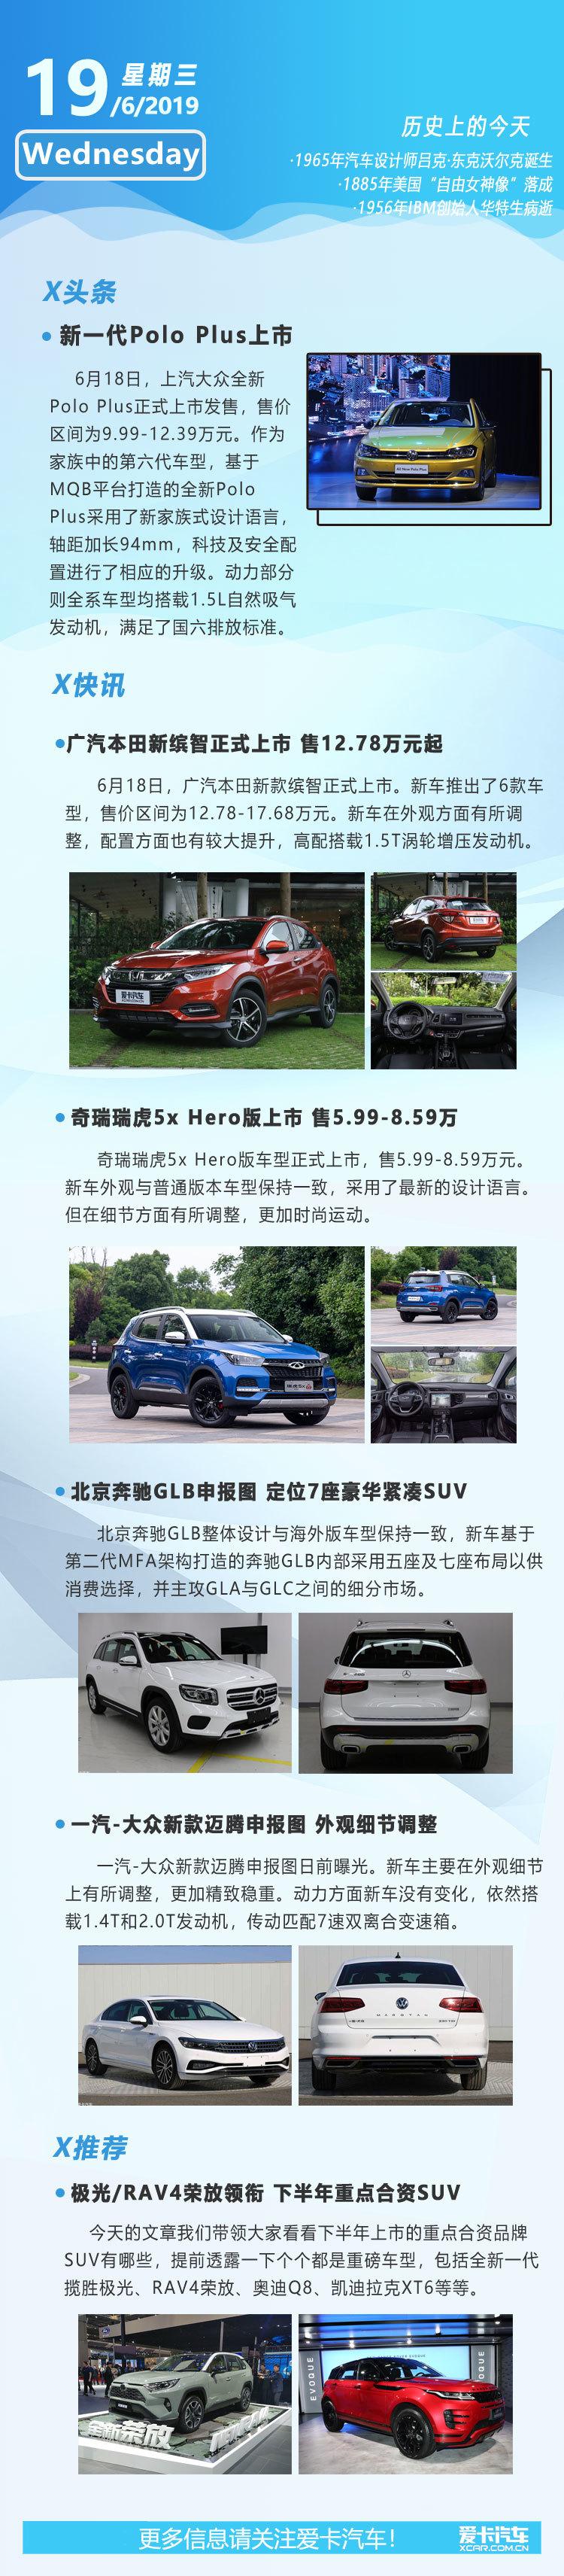 6月19日早报:全新Polo Plus/新缤智等